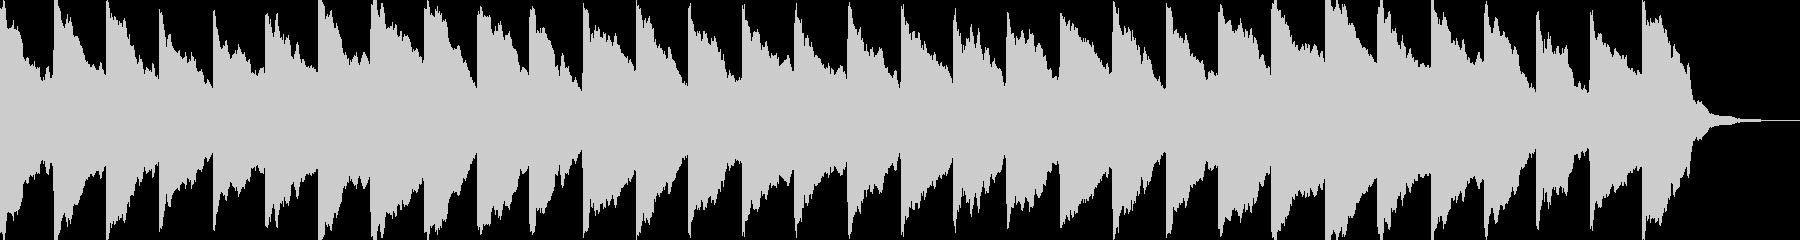 踏み切りの音(ドップラー効果付き)の未再生の波形